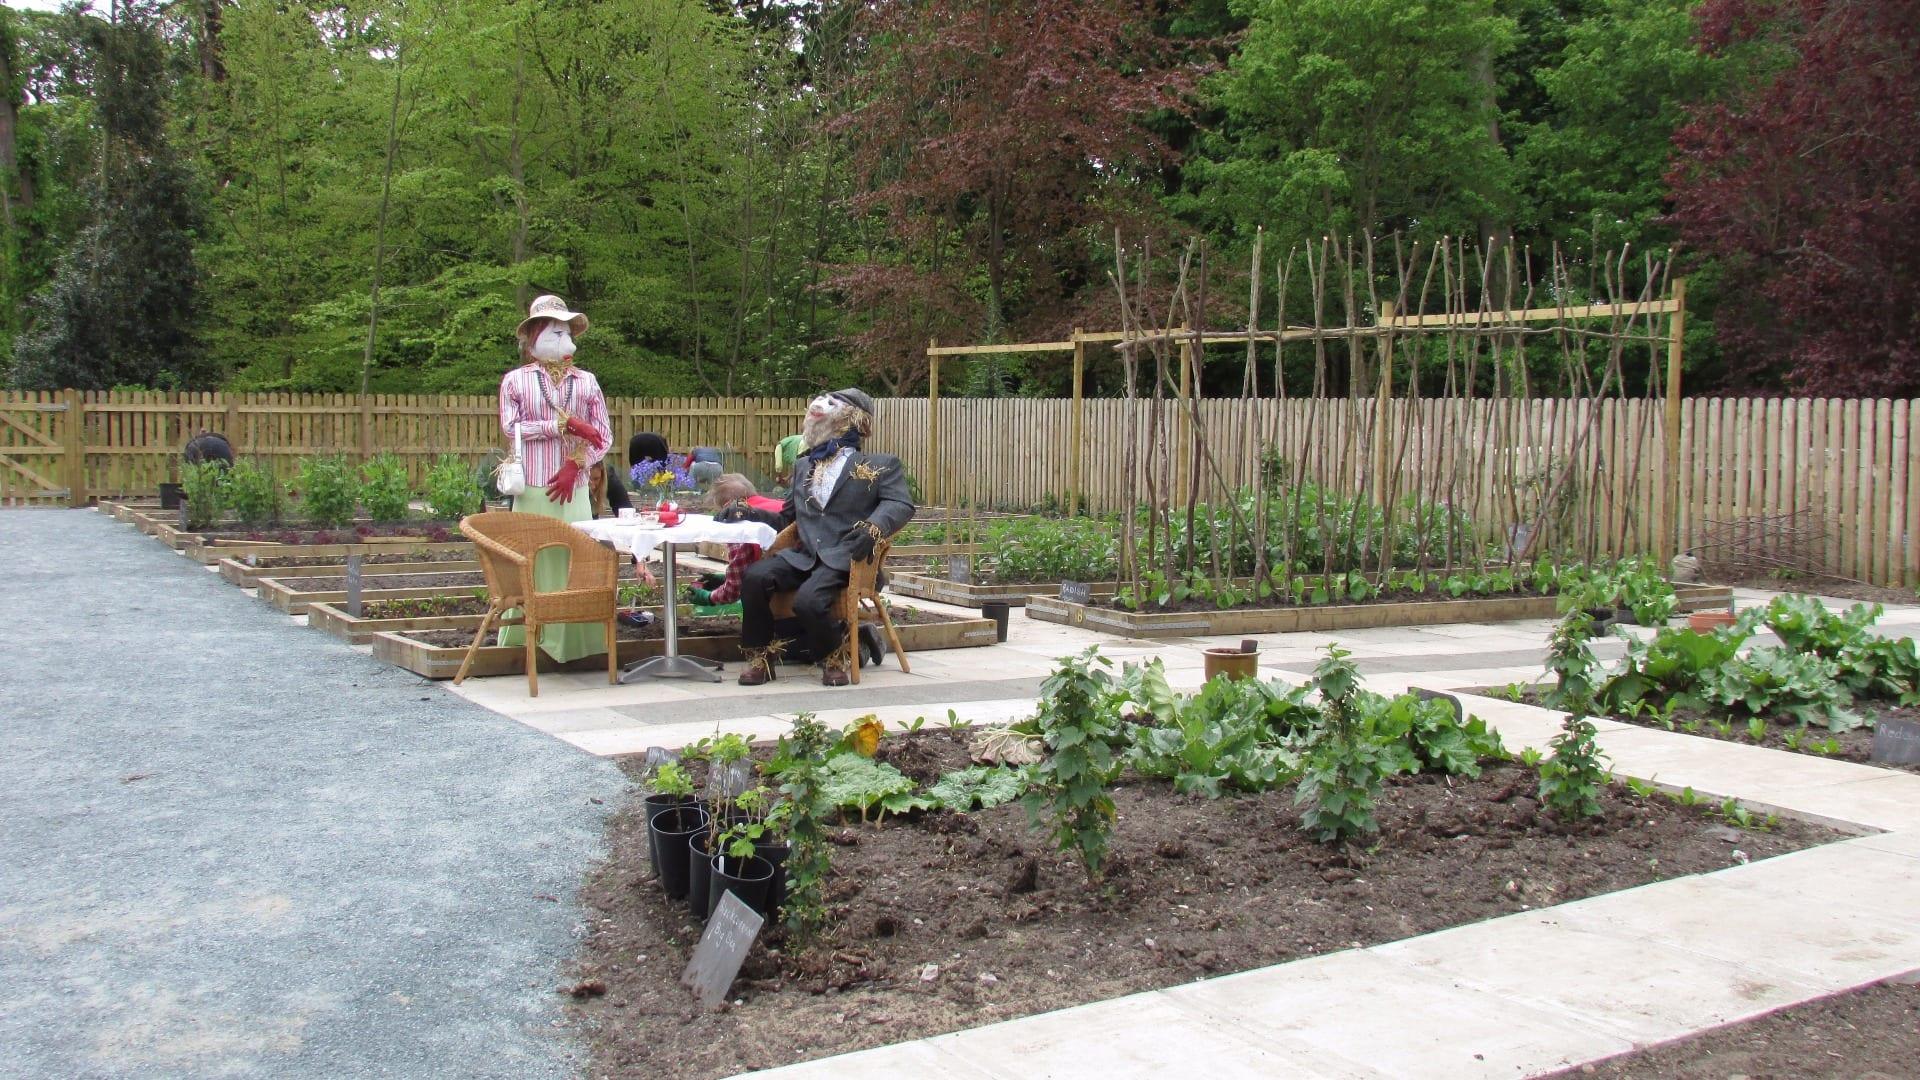 Kitchen garden at Lytham Hall